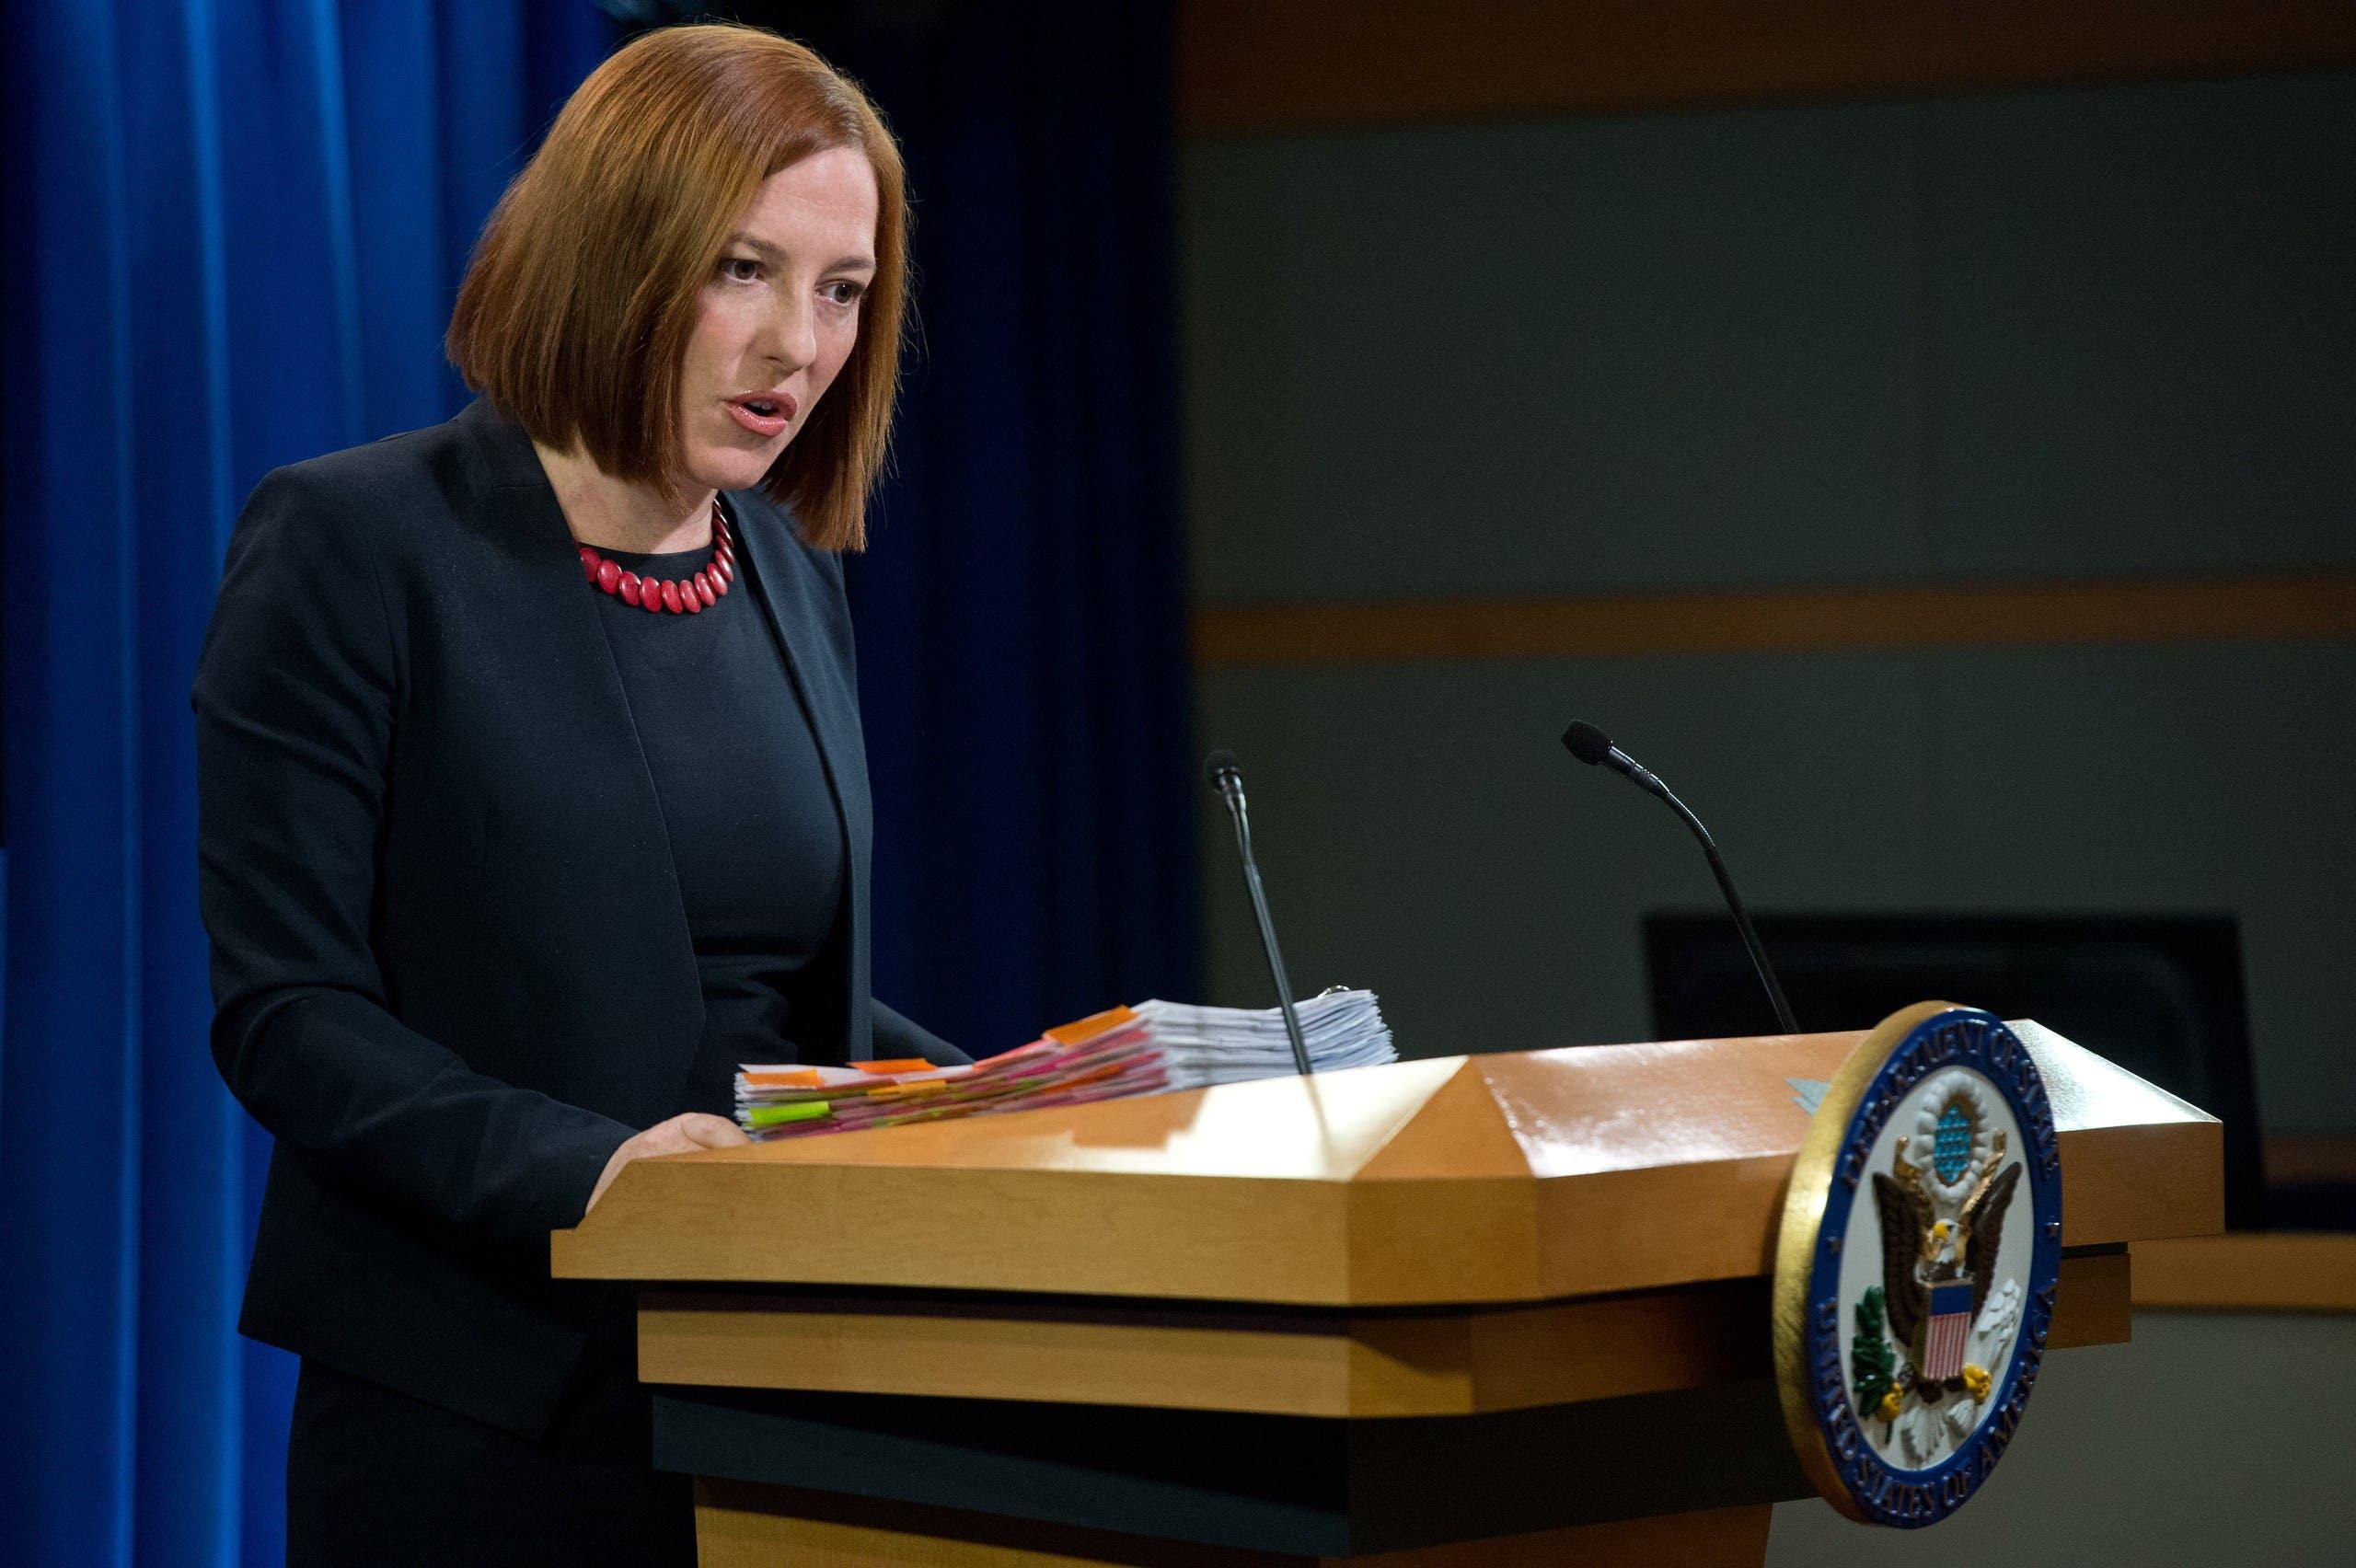 ساكي في 2014 خلال إفادة صحافية عند عملها كمتحدثة باسم وزارة الخارجية الأميركية